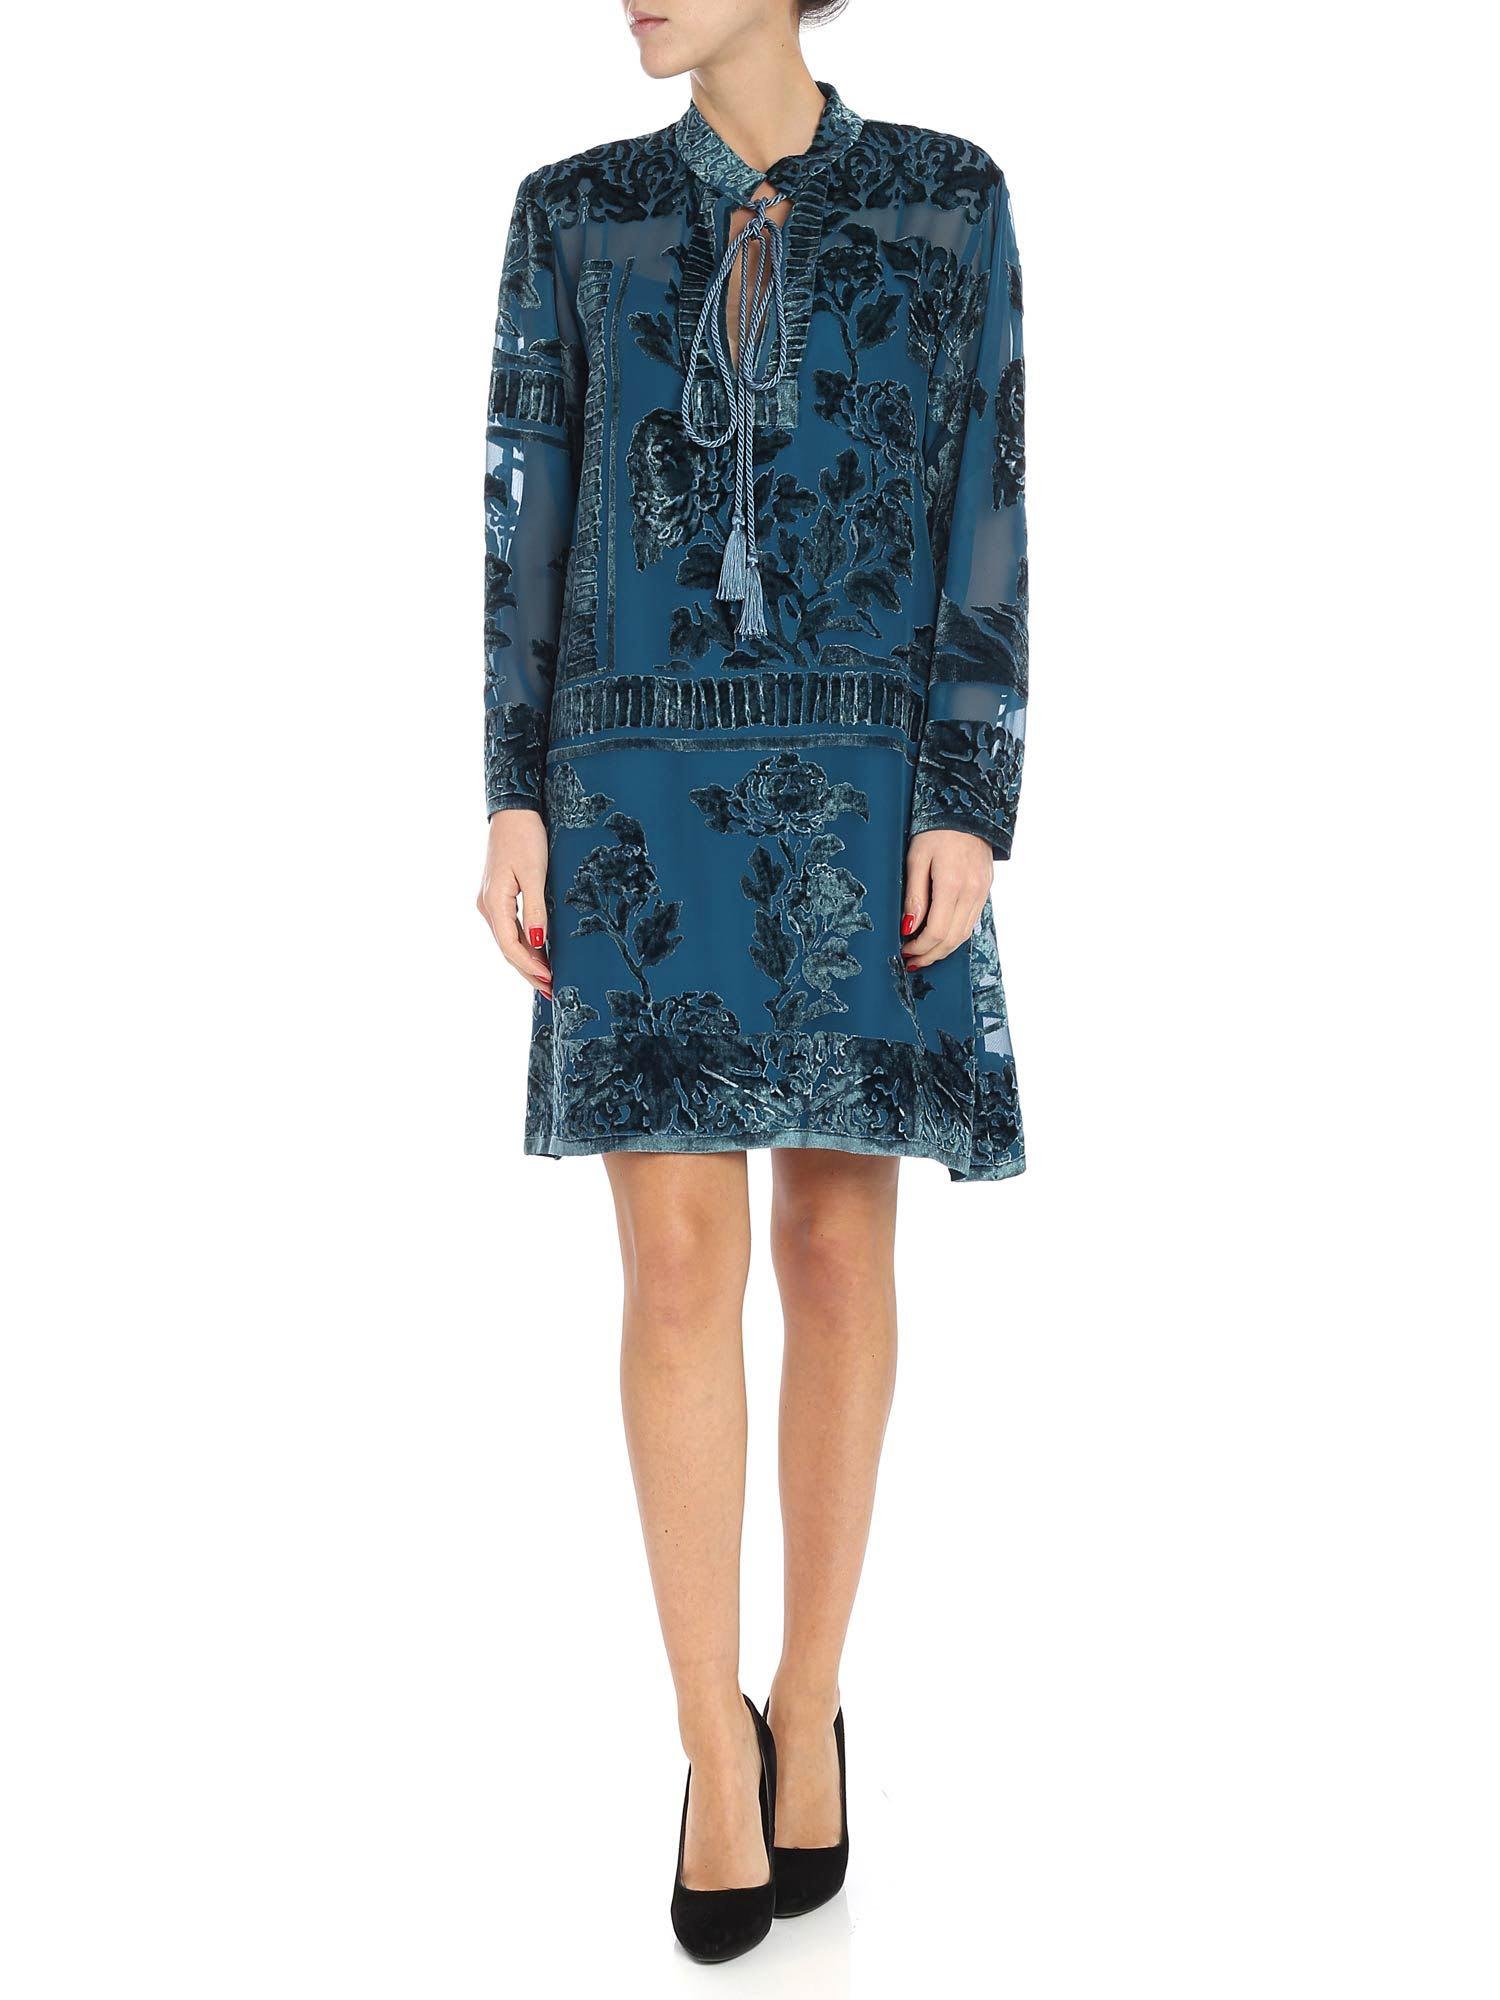 Alberta Ferretti – Devoré Dress